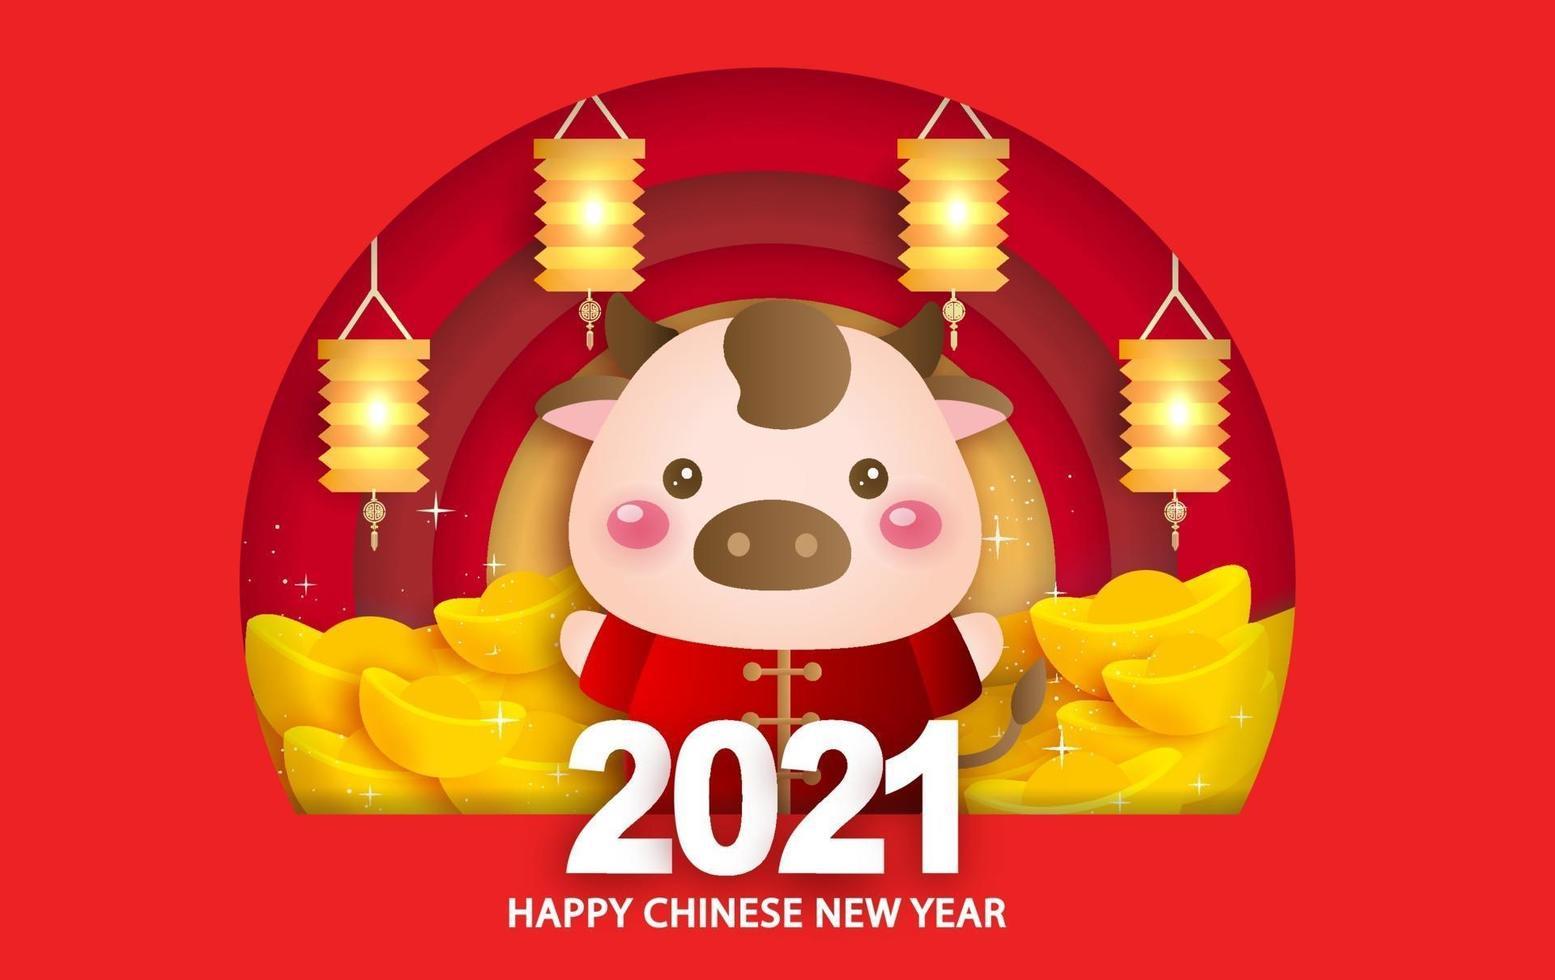 nouvel an chinois 2021 année du bœuf bannière vecteur